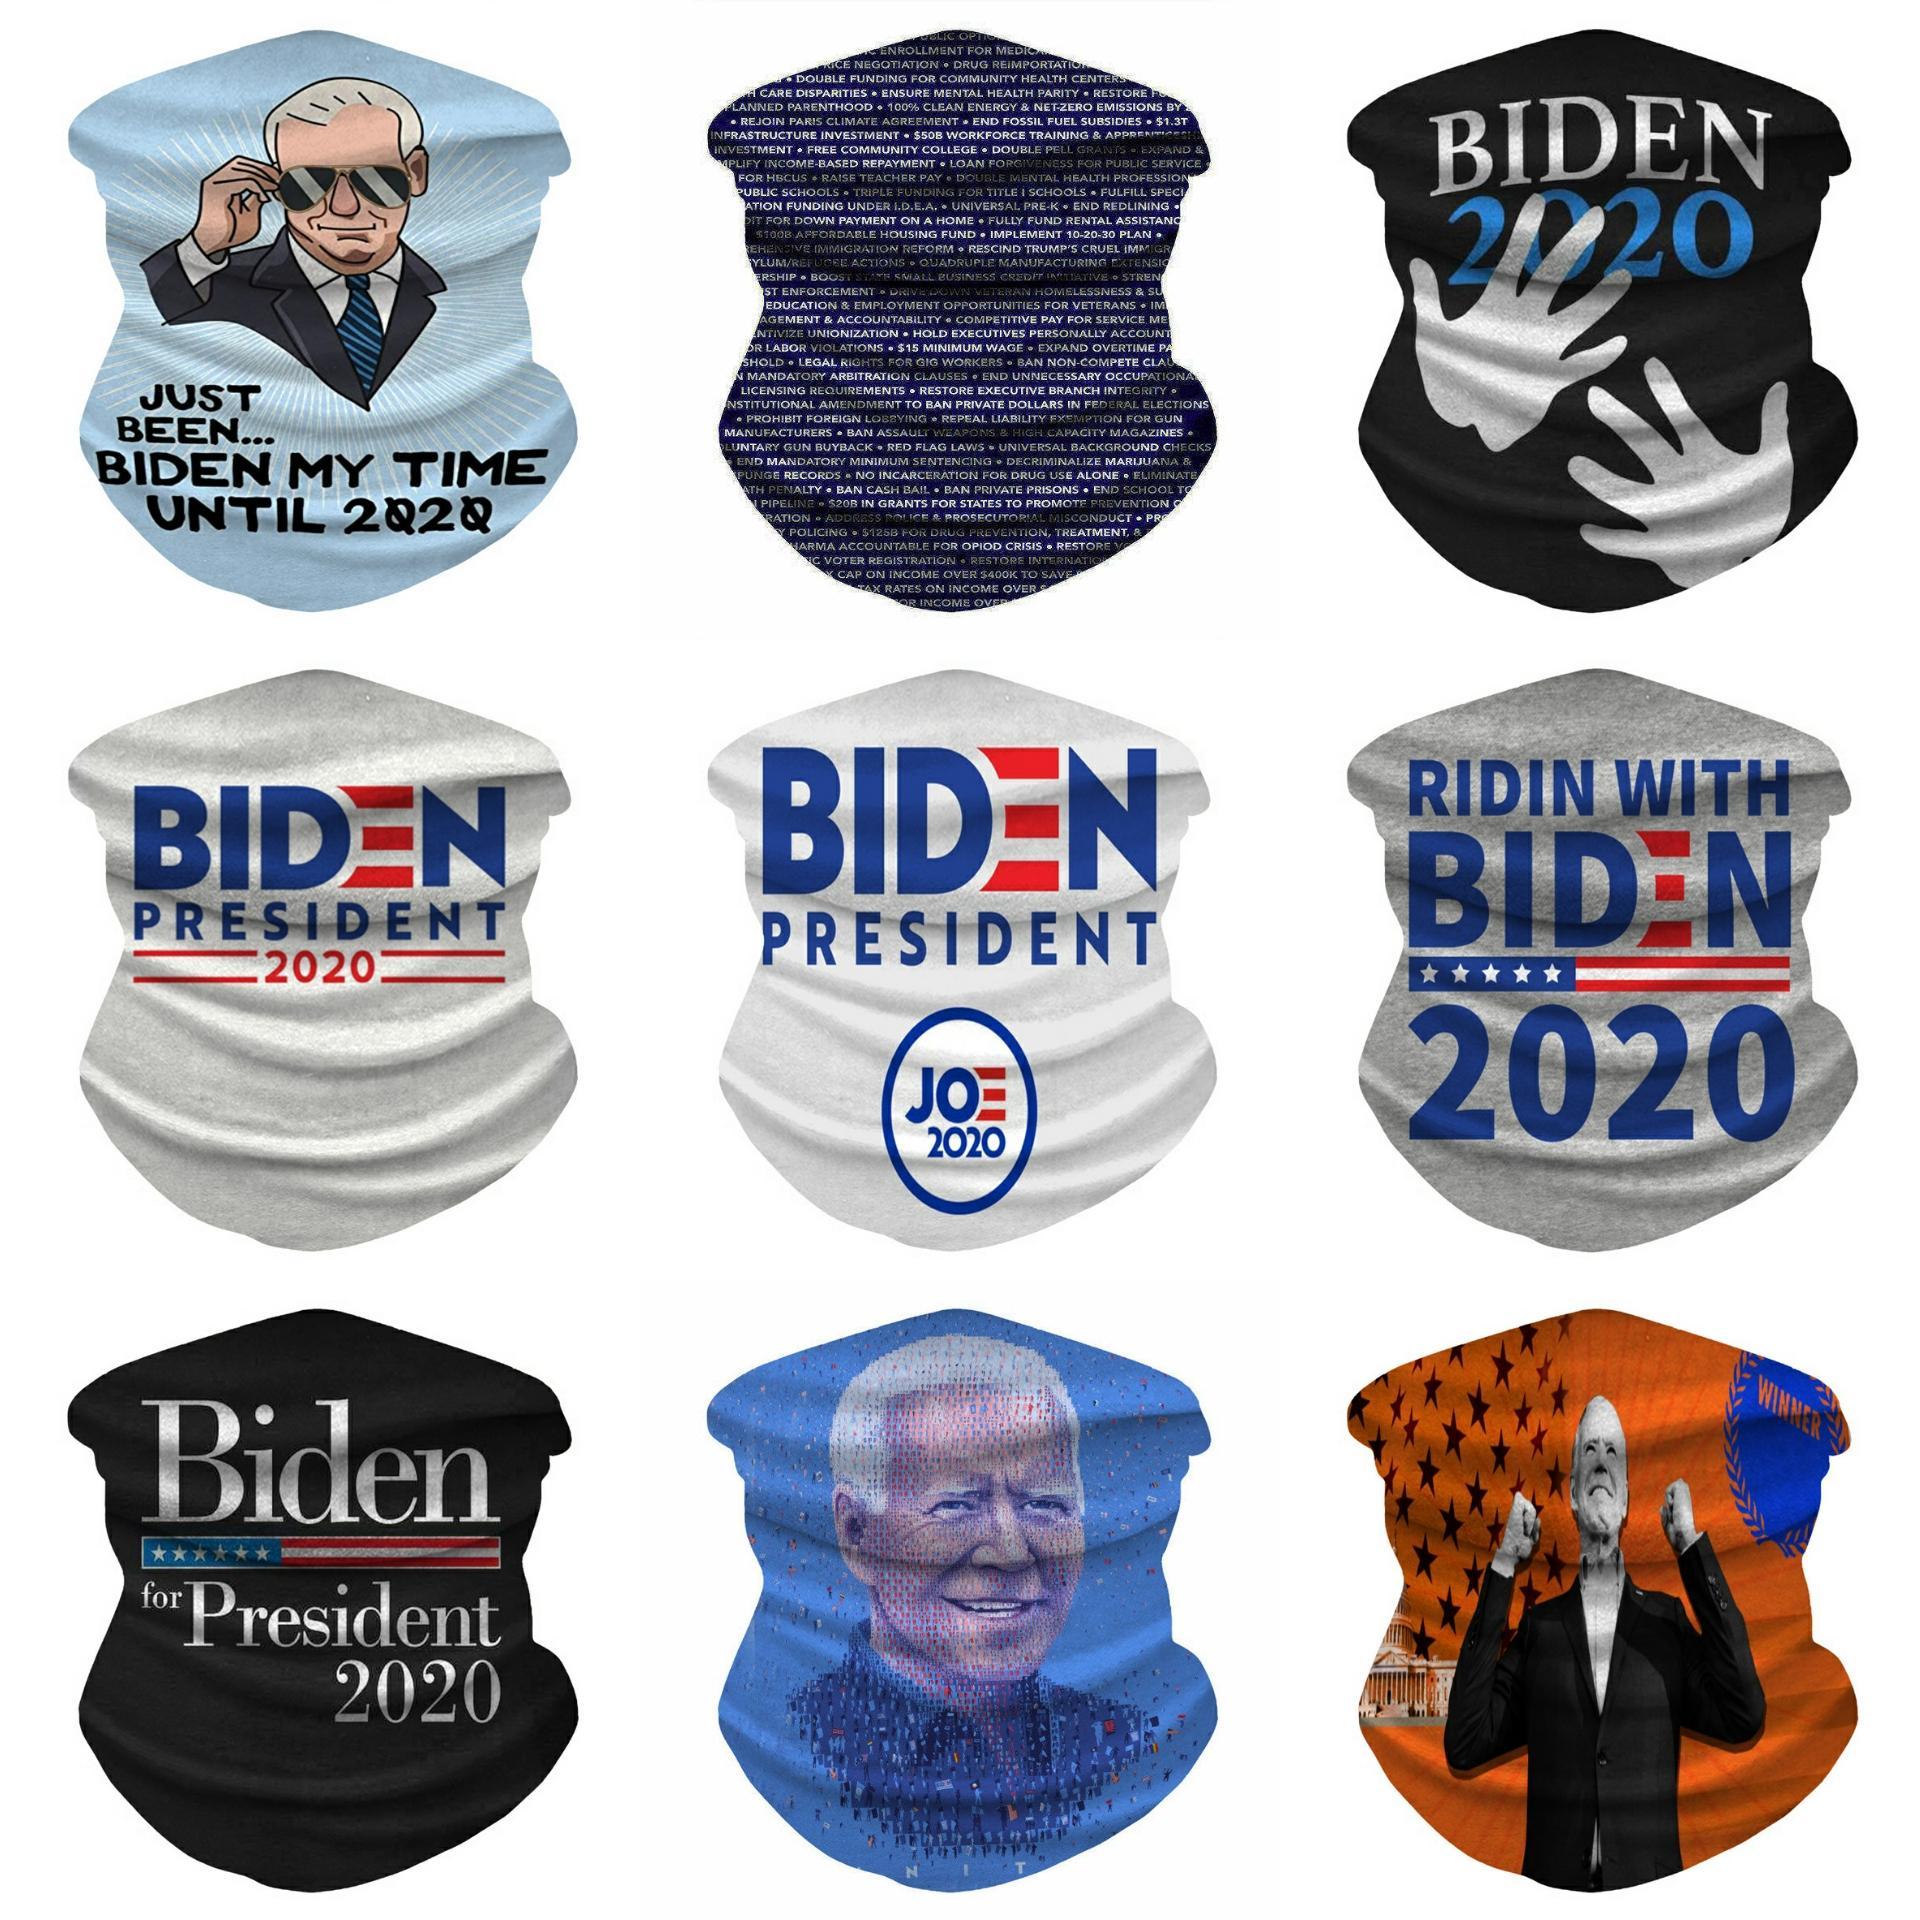 Menand Womenprinted Ice Seidenschal Masken, UV-Schutz, staubdicht, Wind Reise, Reiten oder Fahren, Nackenschutz, Half Face Schal # 977